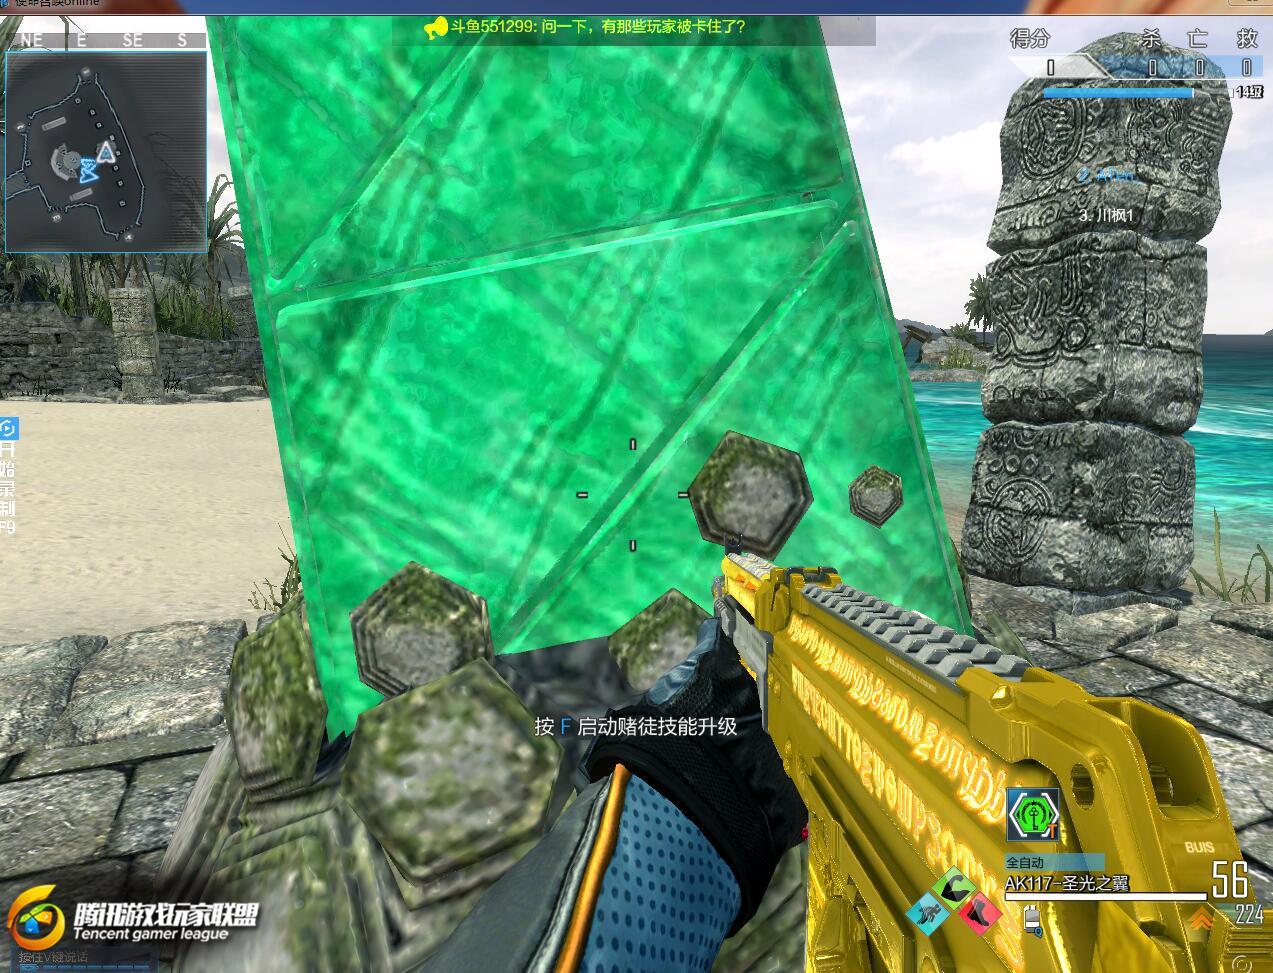 丧尸惊魂岛的小技巧分享 新玩法隐藏boss